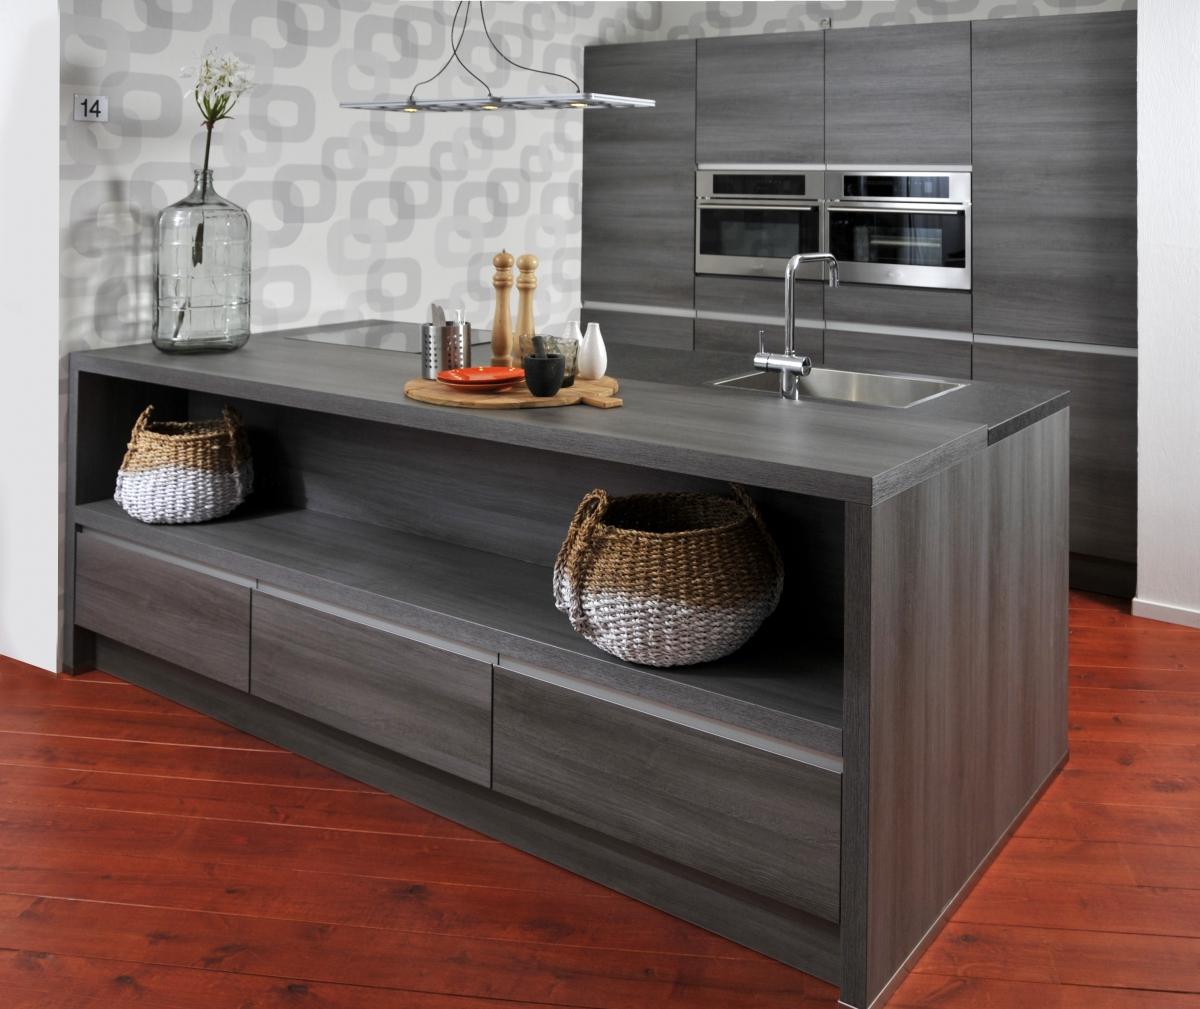 Gamma Keukens Ervaringen : Nolte Keukens Ervaringen ~ Beste ideeën voor interieurontwerp